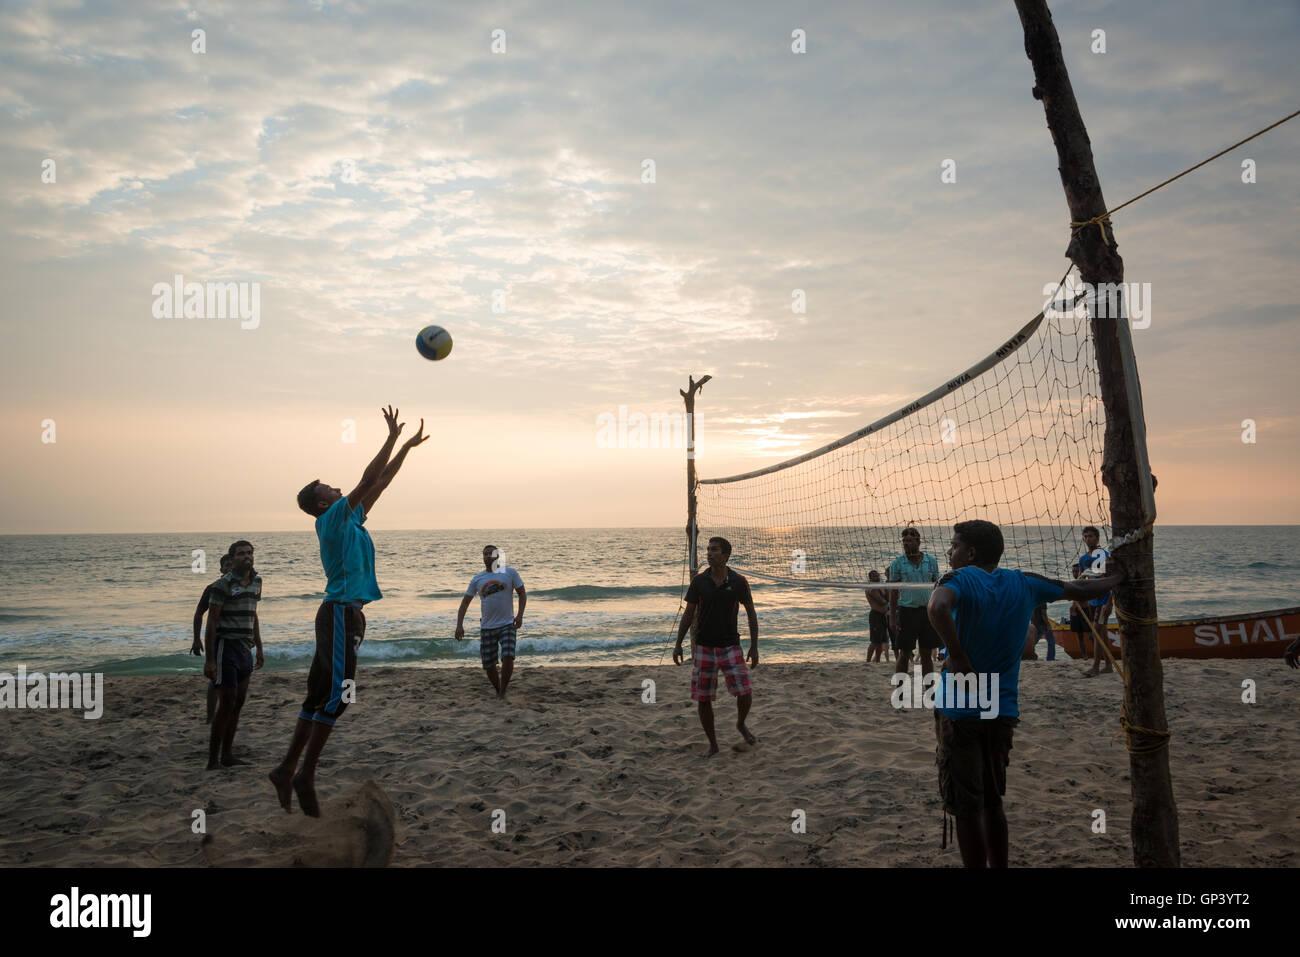 I bambini giocando a pallavolo sulla spiaggia di Varkala Kerala, India Immagini Stock